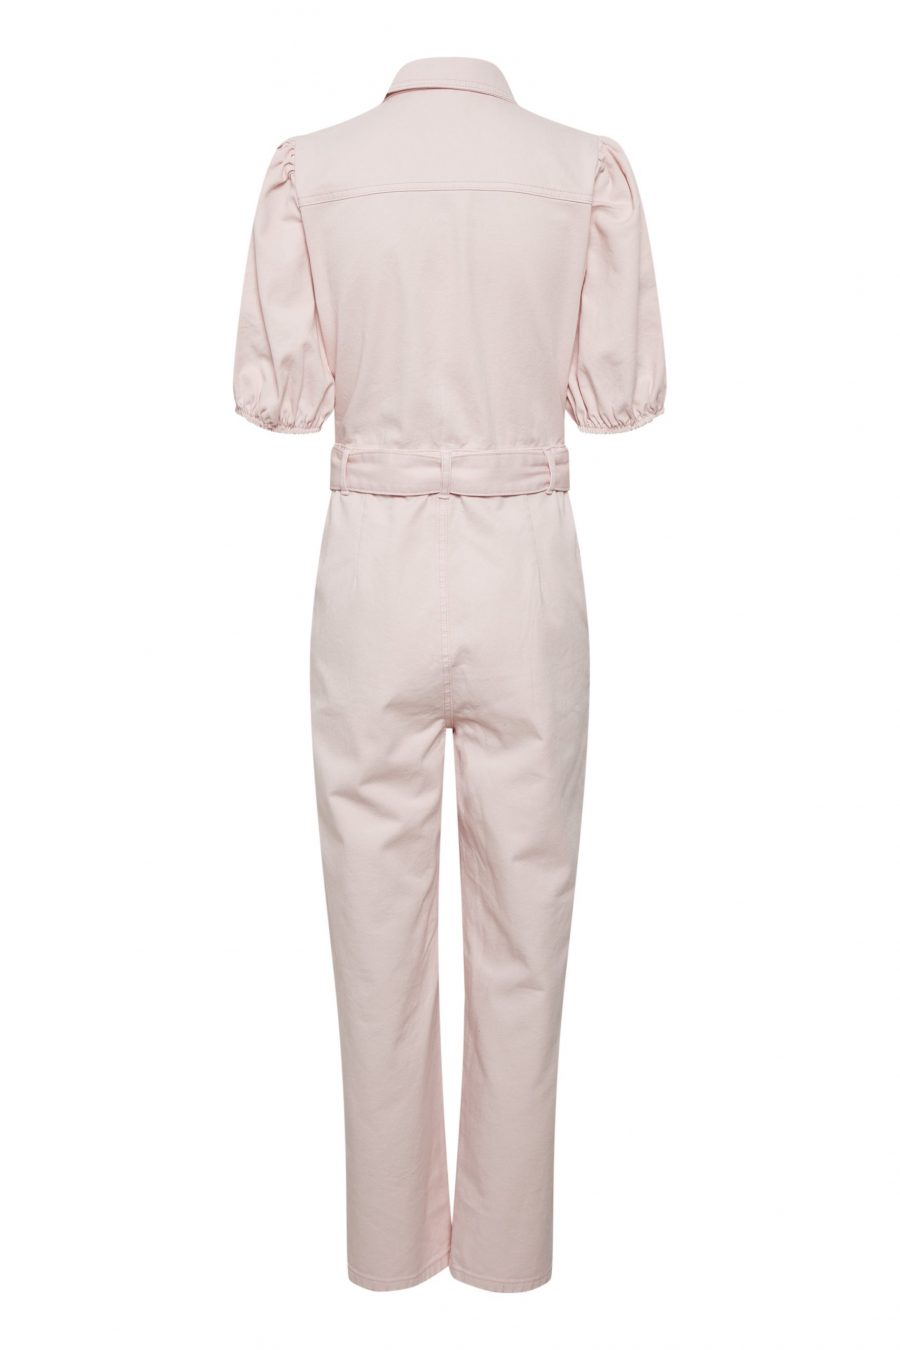 Gestuz_HS20_DilettoGZ jumpsuit_March delivery_1399 DKK(2)